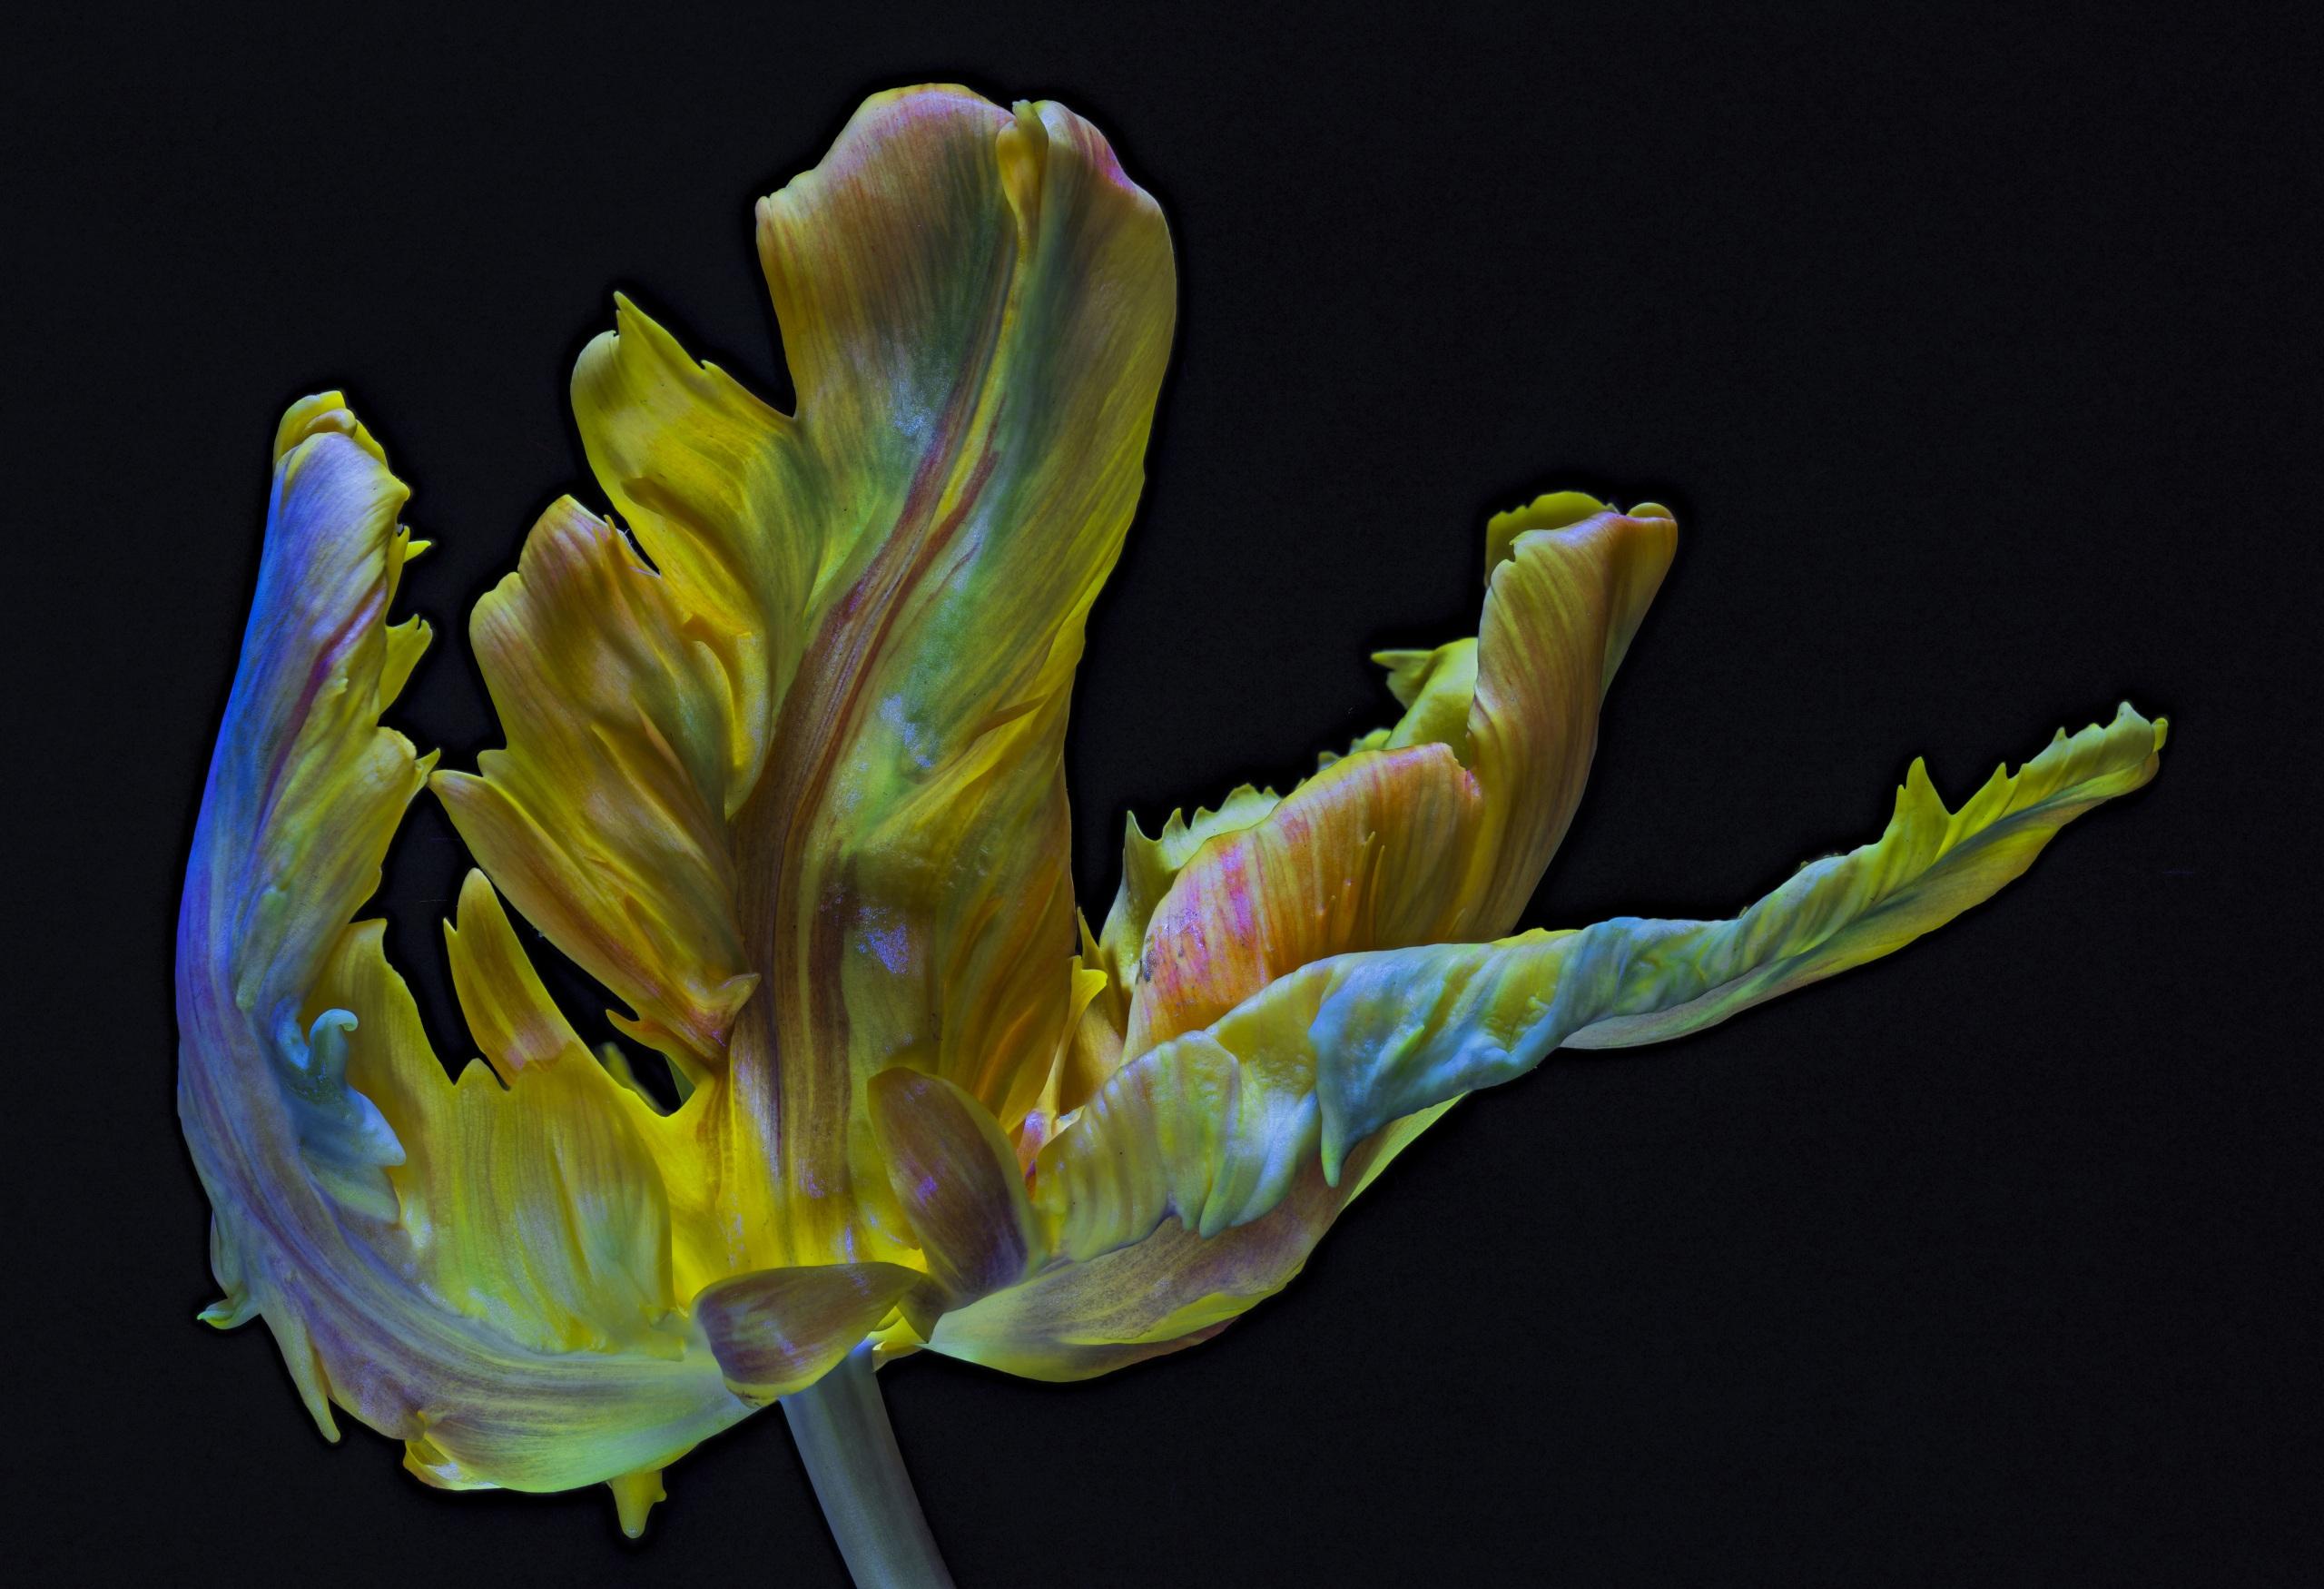 Обои для рабочего стола Parrot Tulip тюльпан Цветы вблизи на черном фоне 2560x1750 Тюльпаны цветок Черный фон Крупным планом